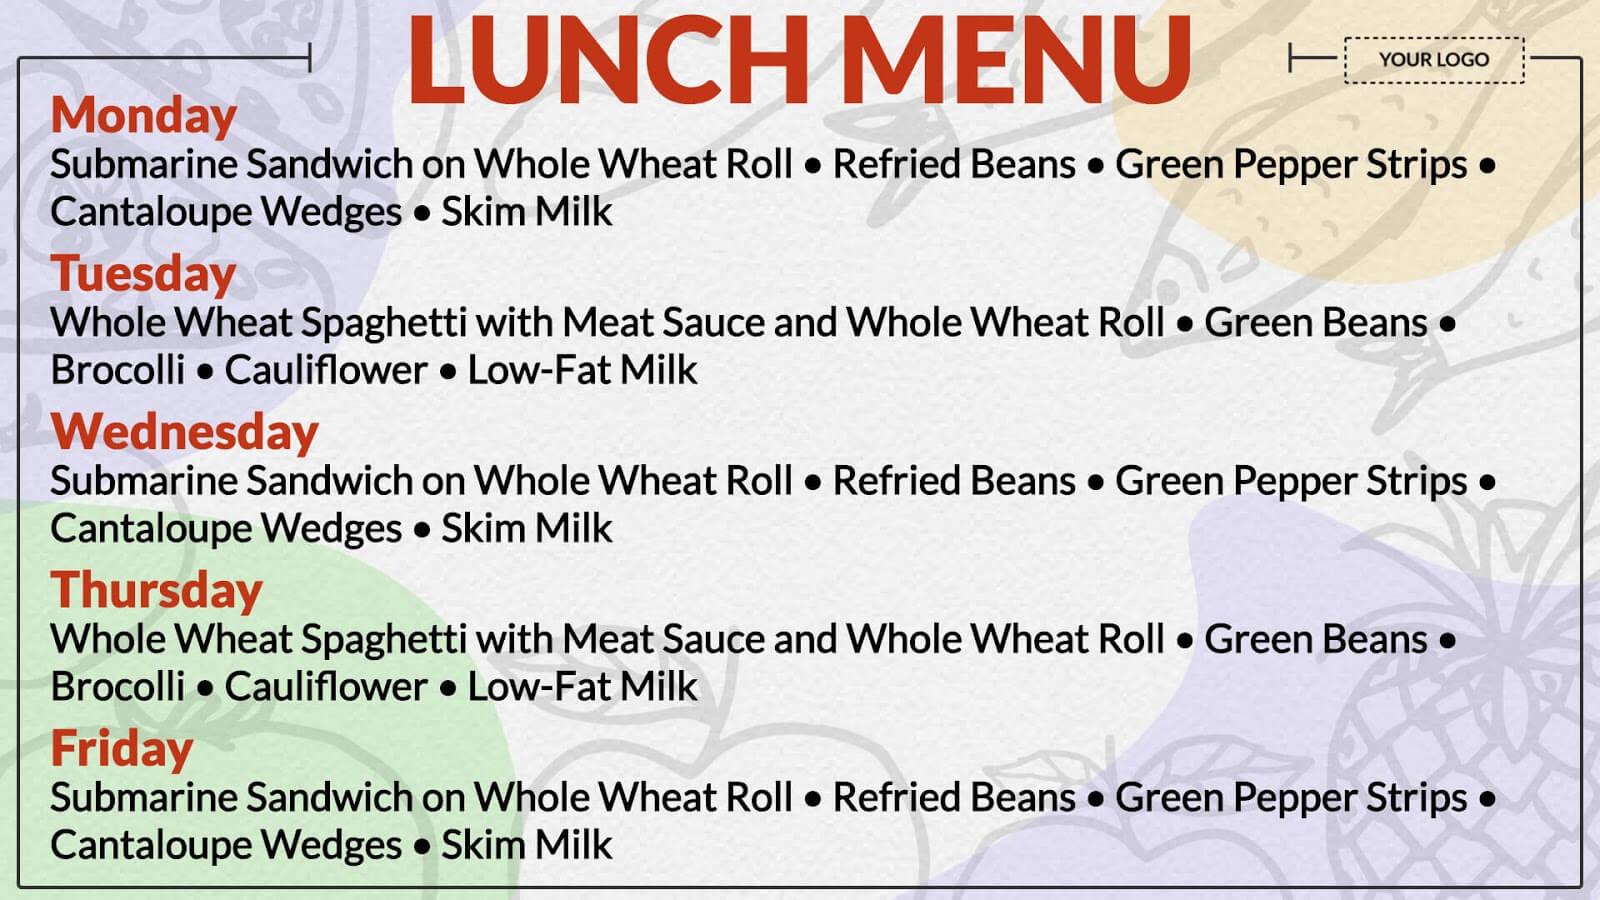 lunch menu board digital signage template